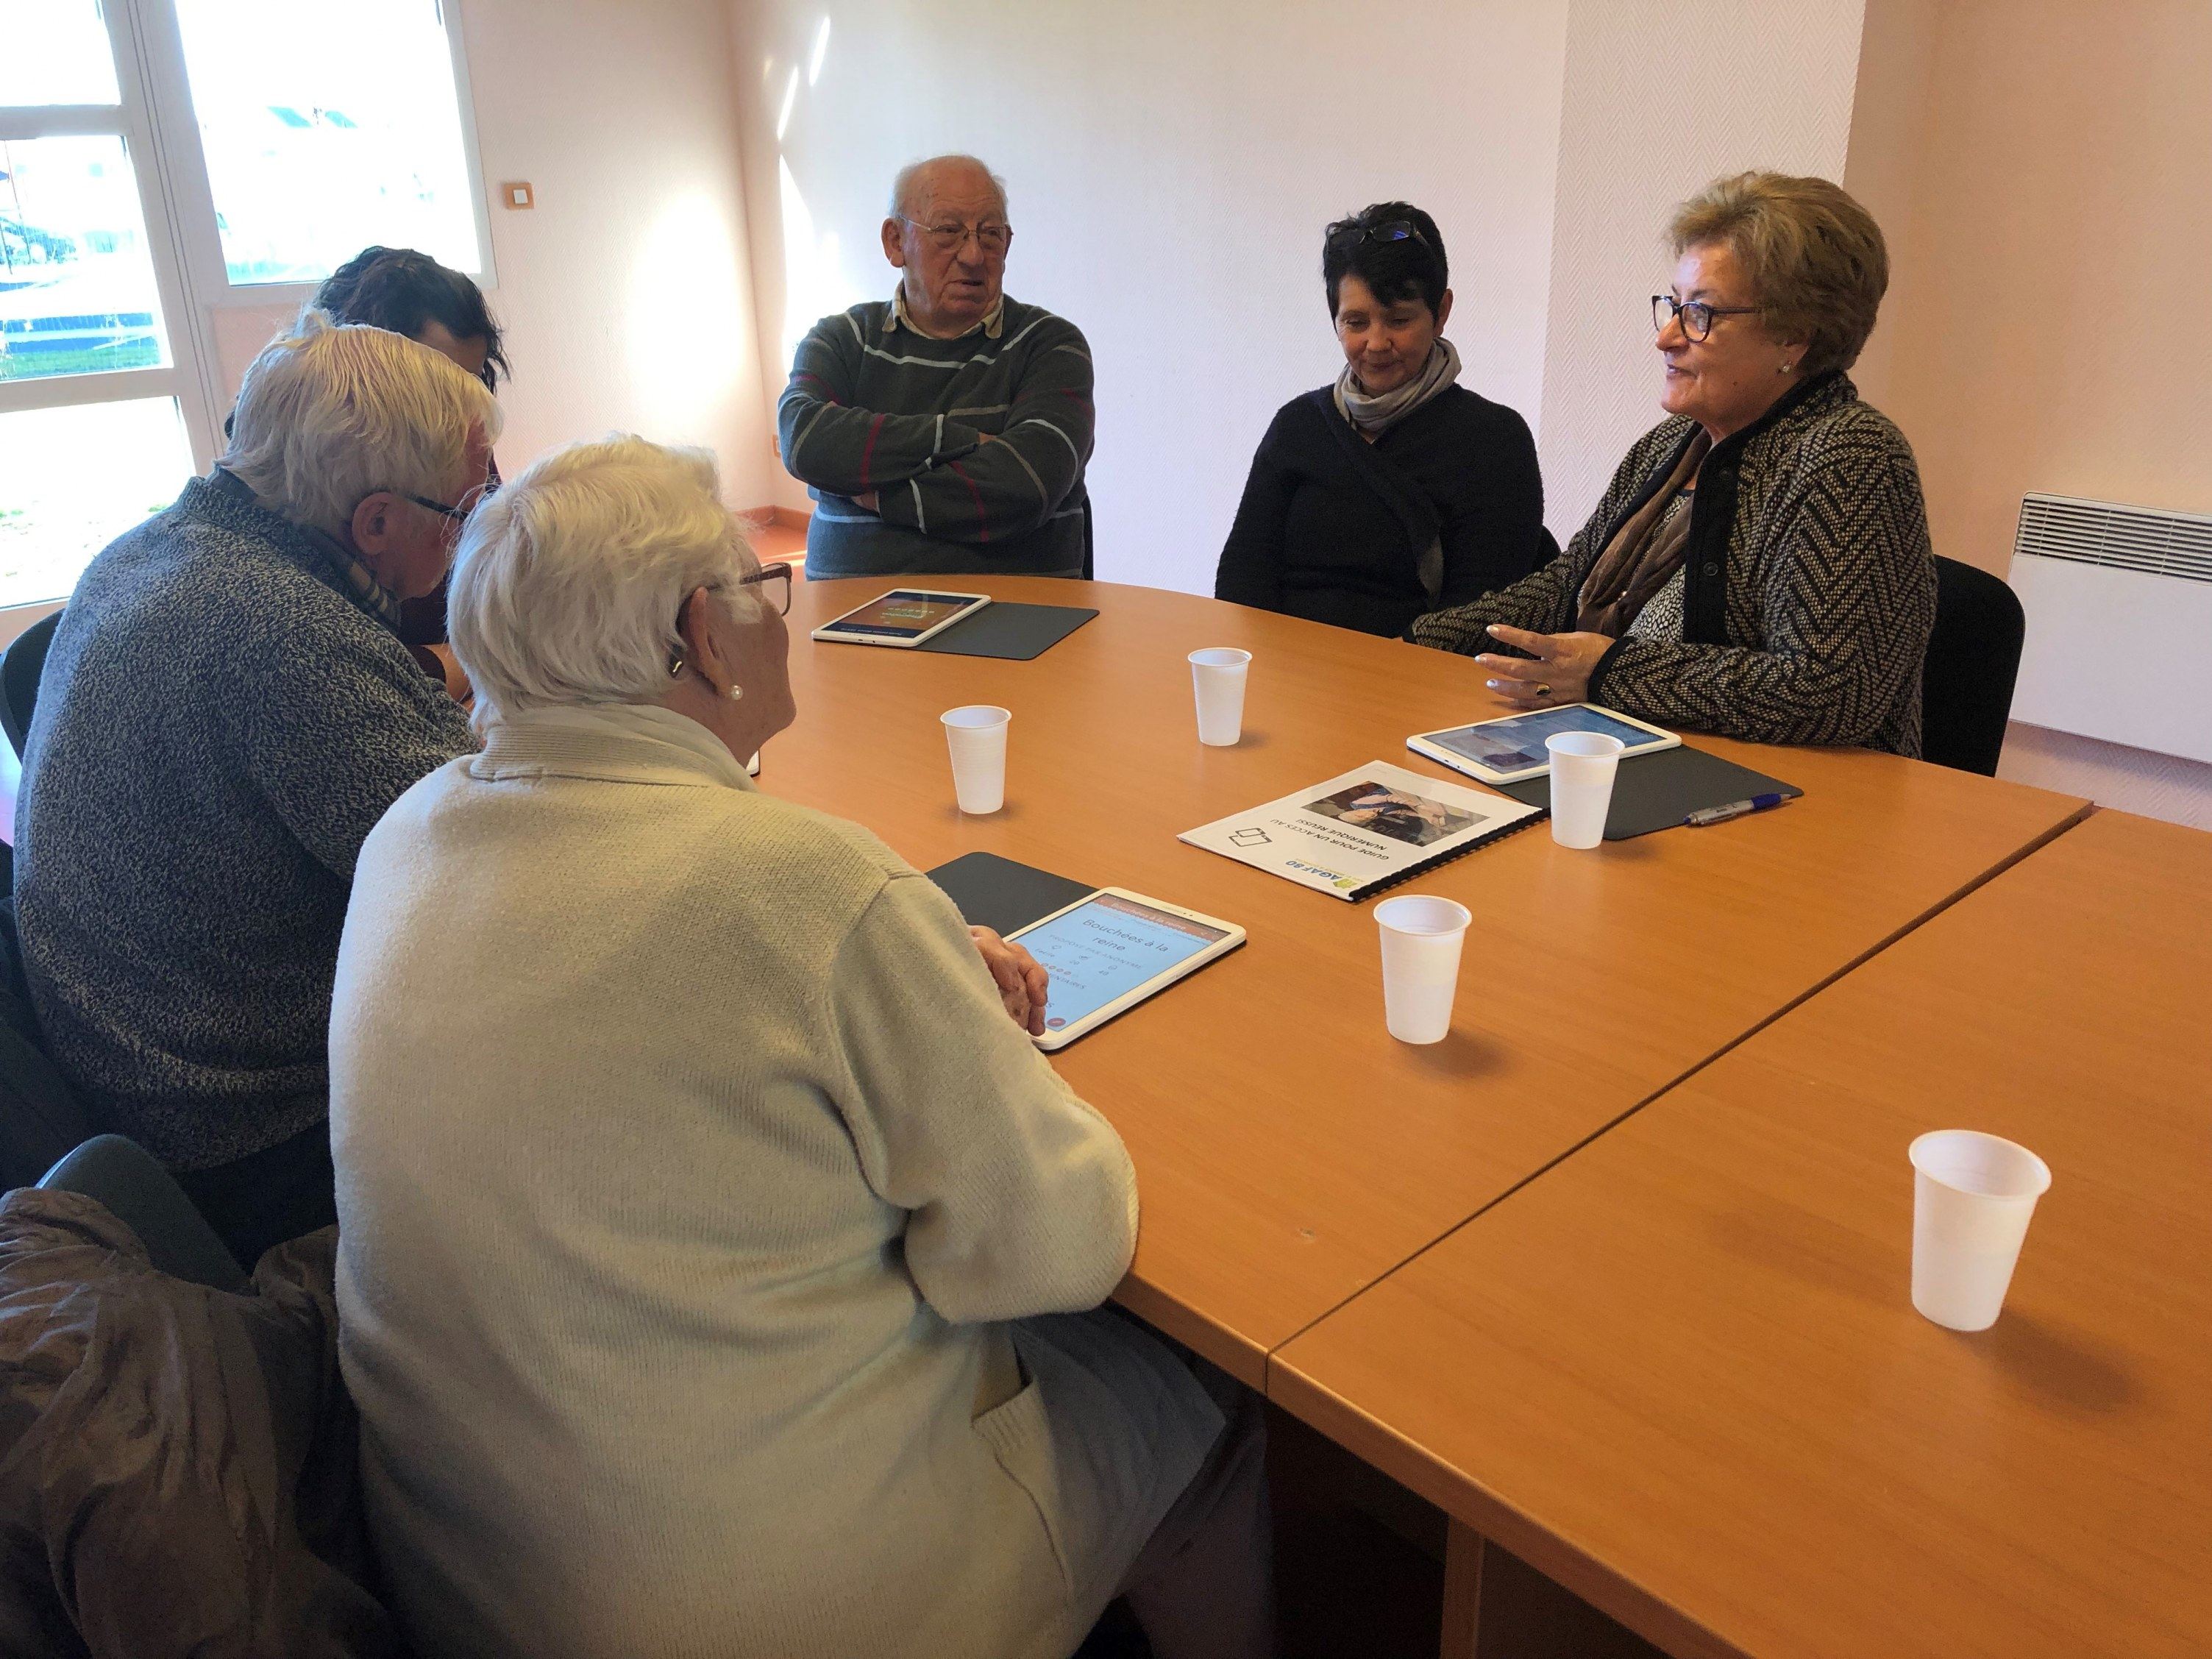 L'accès au numérique des personnes âgées (2018)